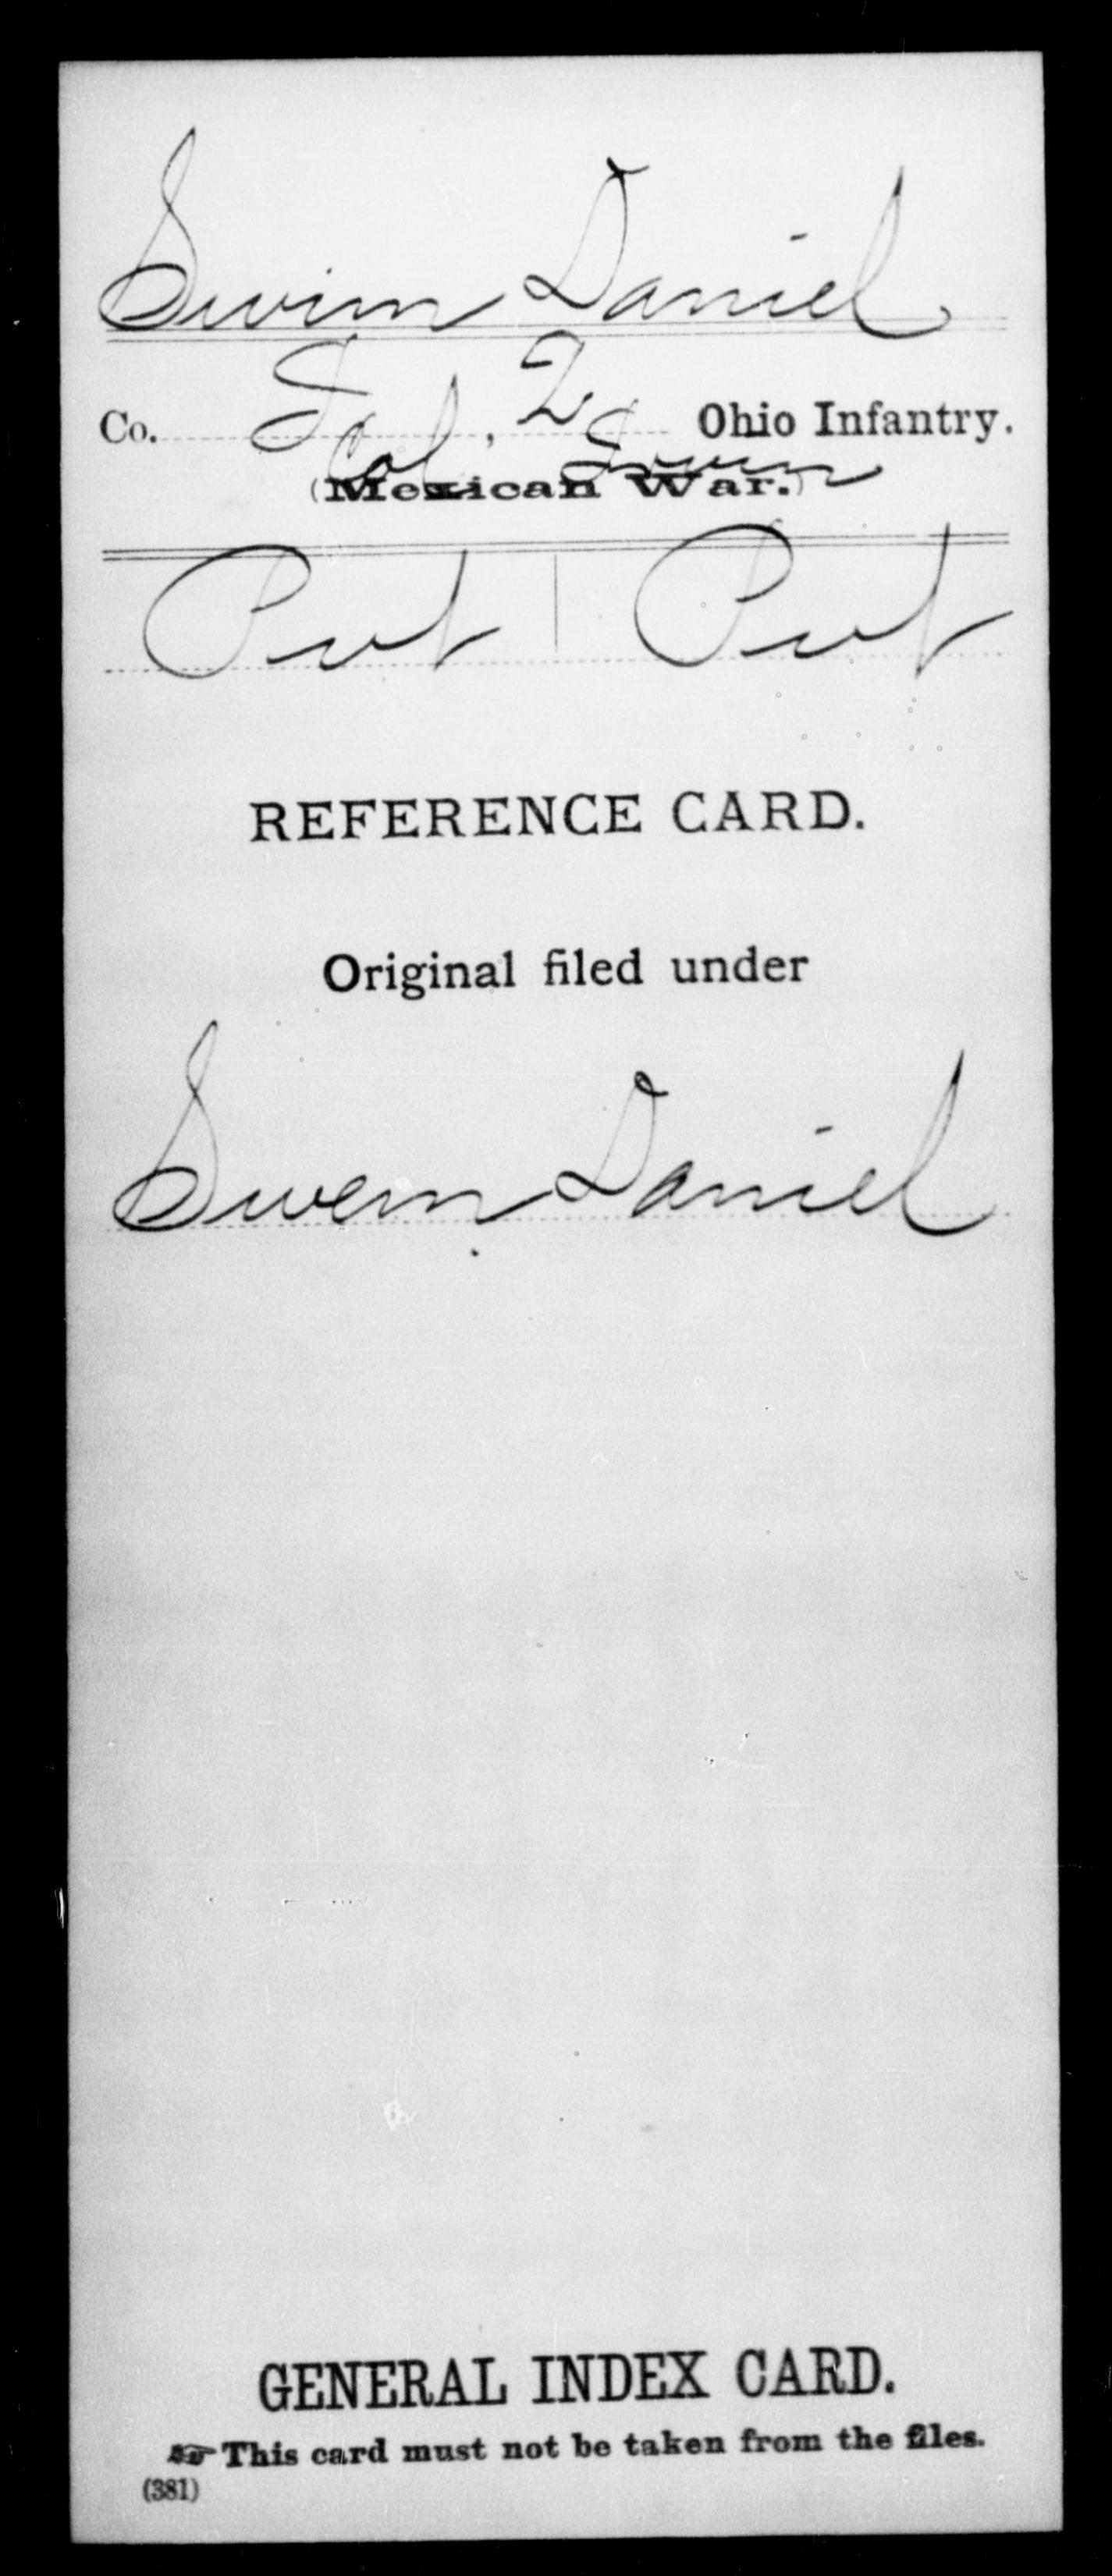 Swim, Danie; - State: Ohio - Regiment: 2 Ohio Infantry, Company I - Enlistment Rank: Pvt - Discharge Rank: Pvt